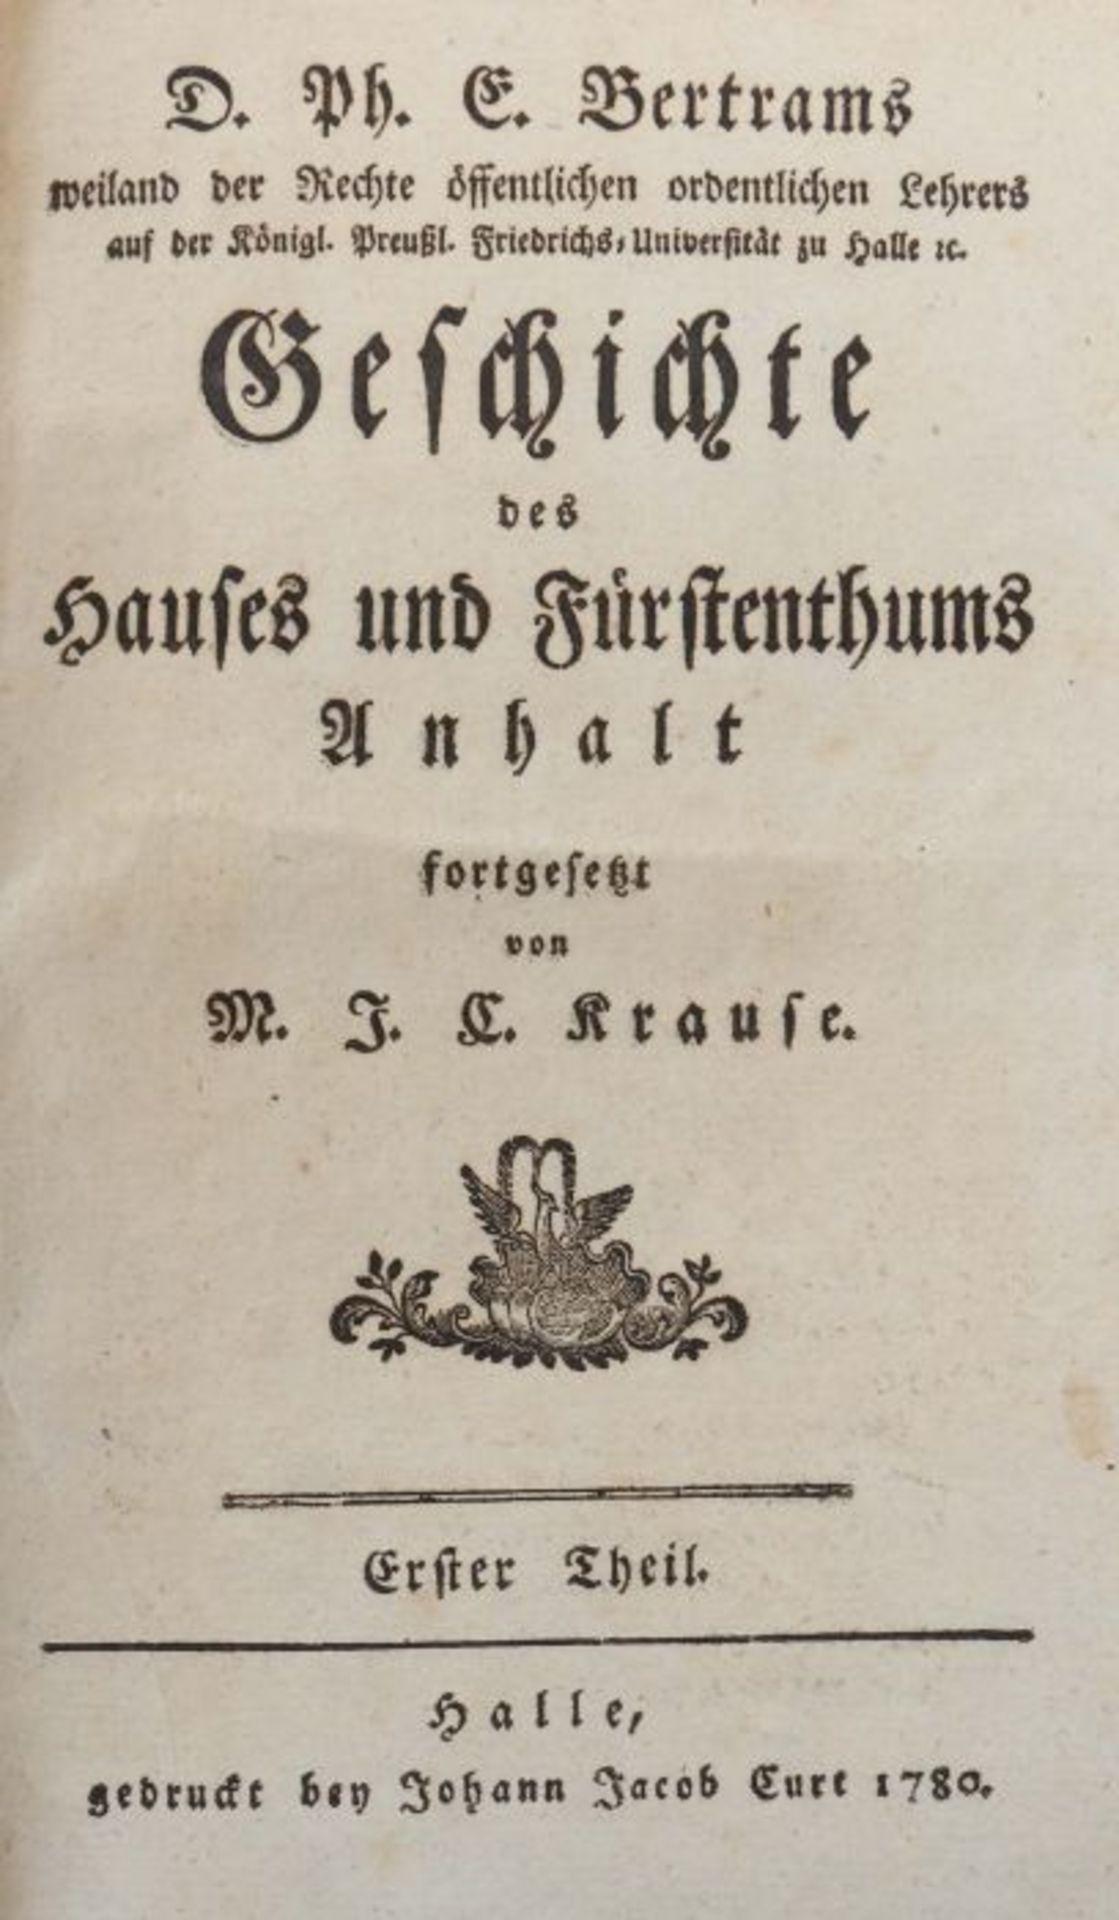 Bertram, Ph(ilipp) E(rnst) Geschichte des Hauses und Fürstenthums Anhalt, fortgesetzt von M. J. C. - Bild 3 aus 6